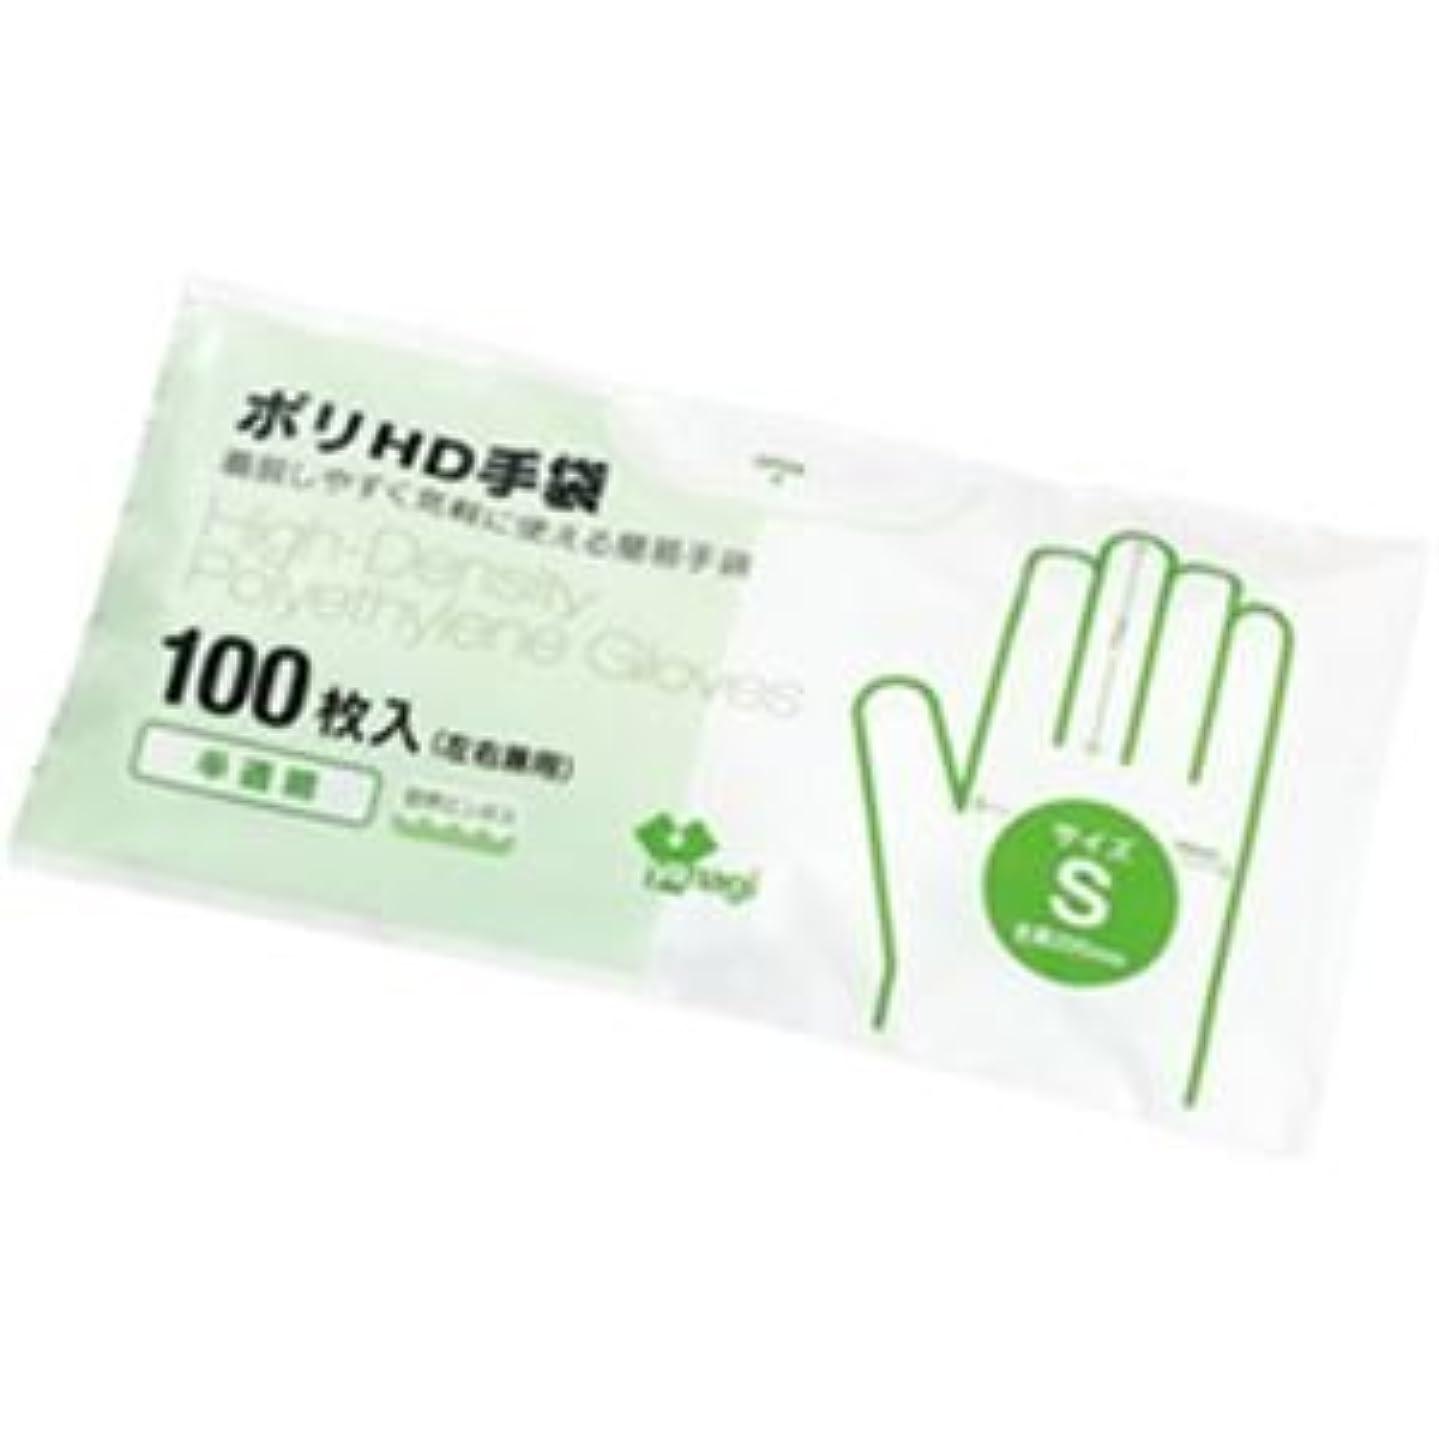 素晴らしきバランス量やなぎプロダクツ 高密度ポリエチレン手袋 S 半透明 1箱(100枚) ×30セット